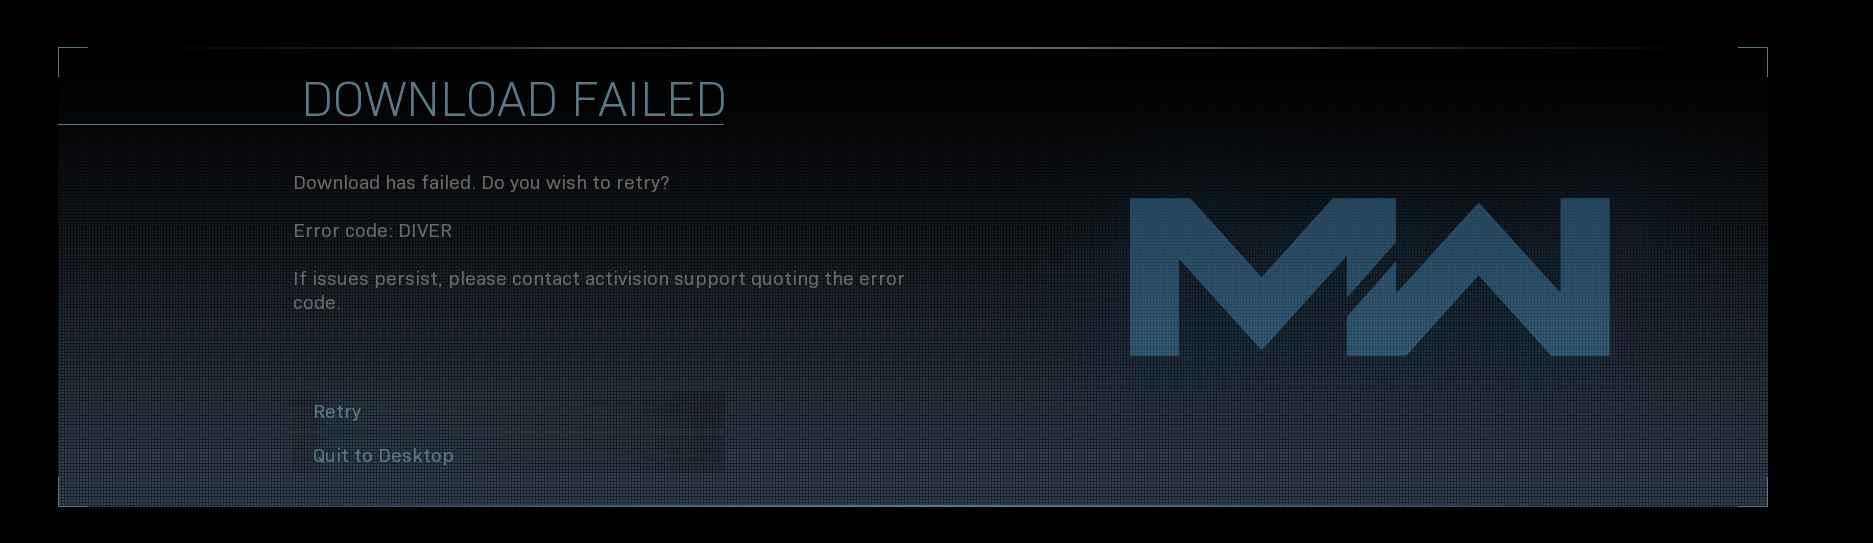 رفع خطای codes 6 و DIVER در بازی